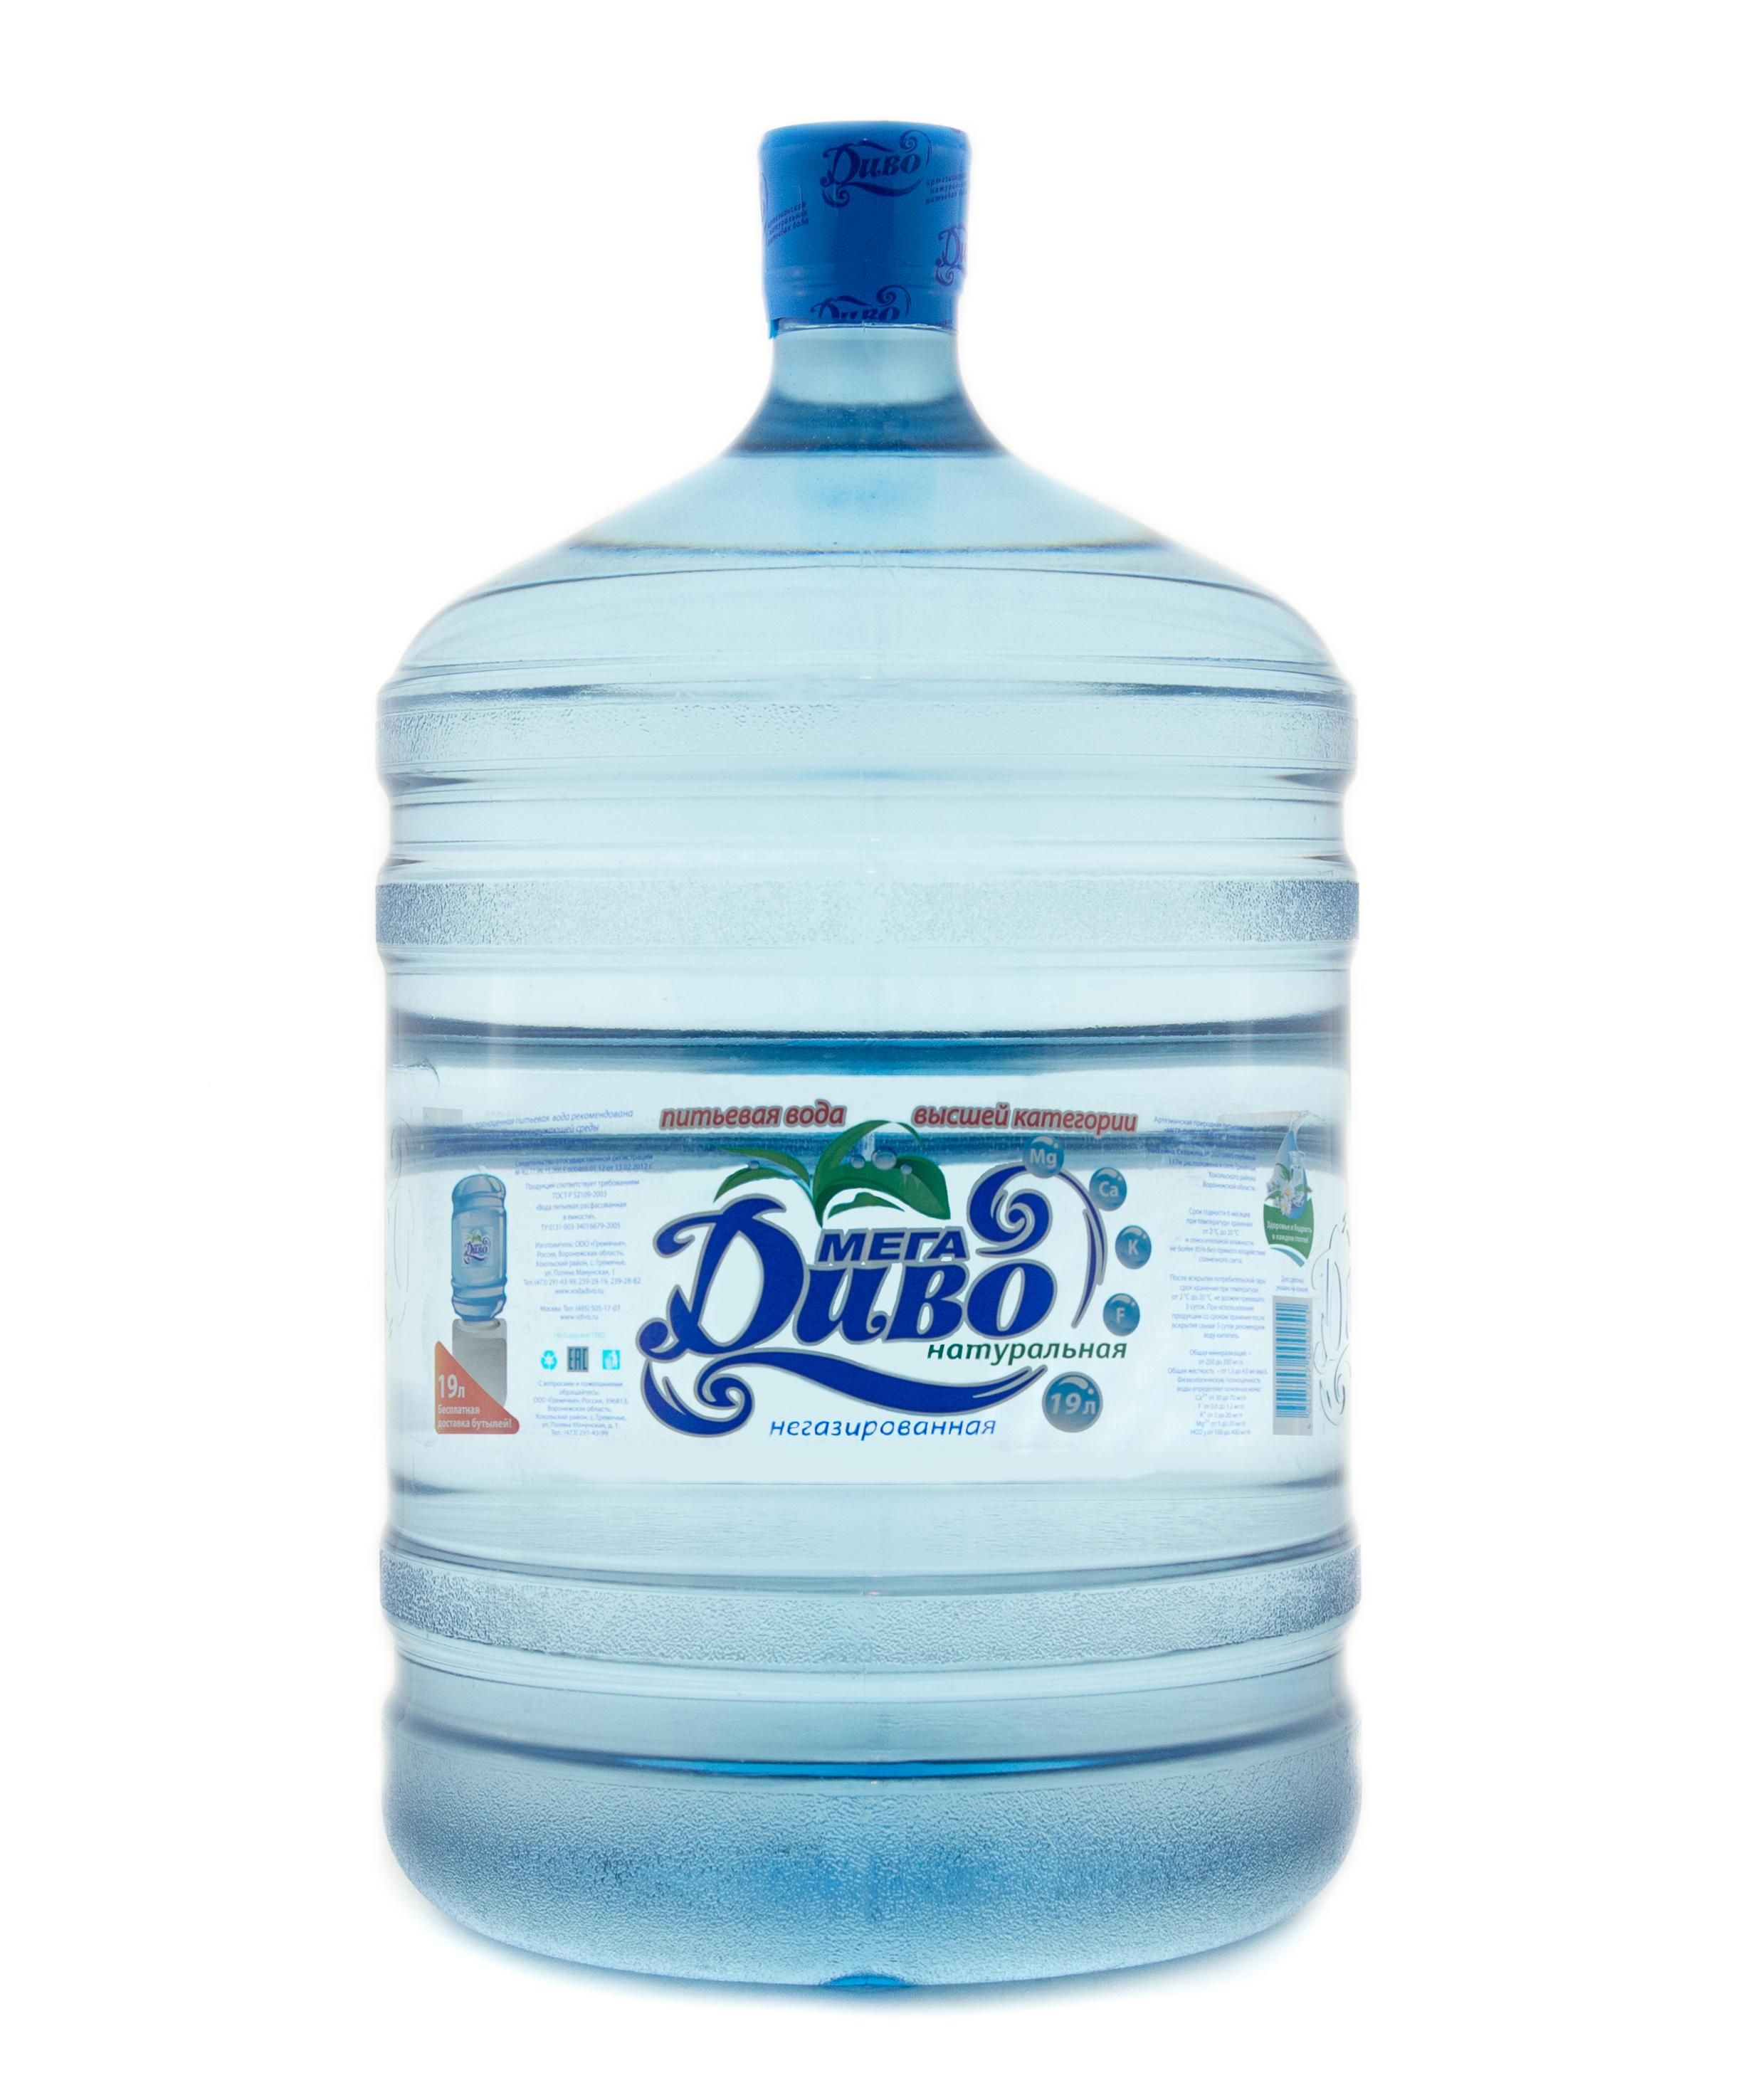 377f8287b01ef Вода Диво 19 литров — Вода Диво